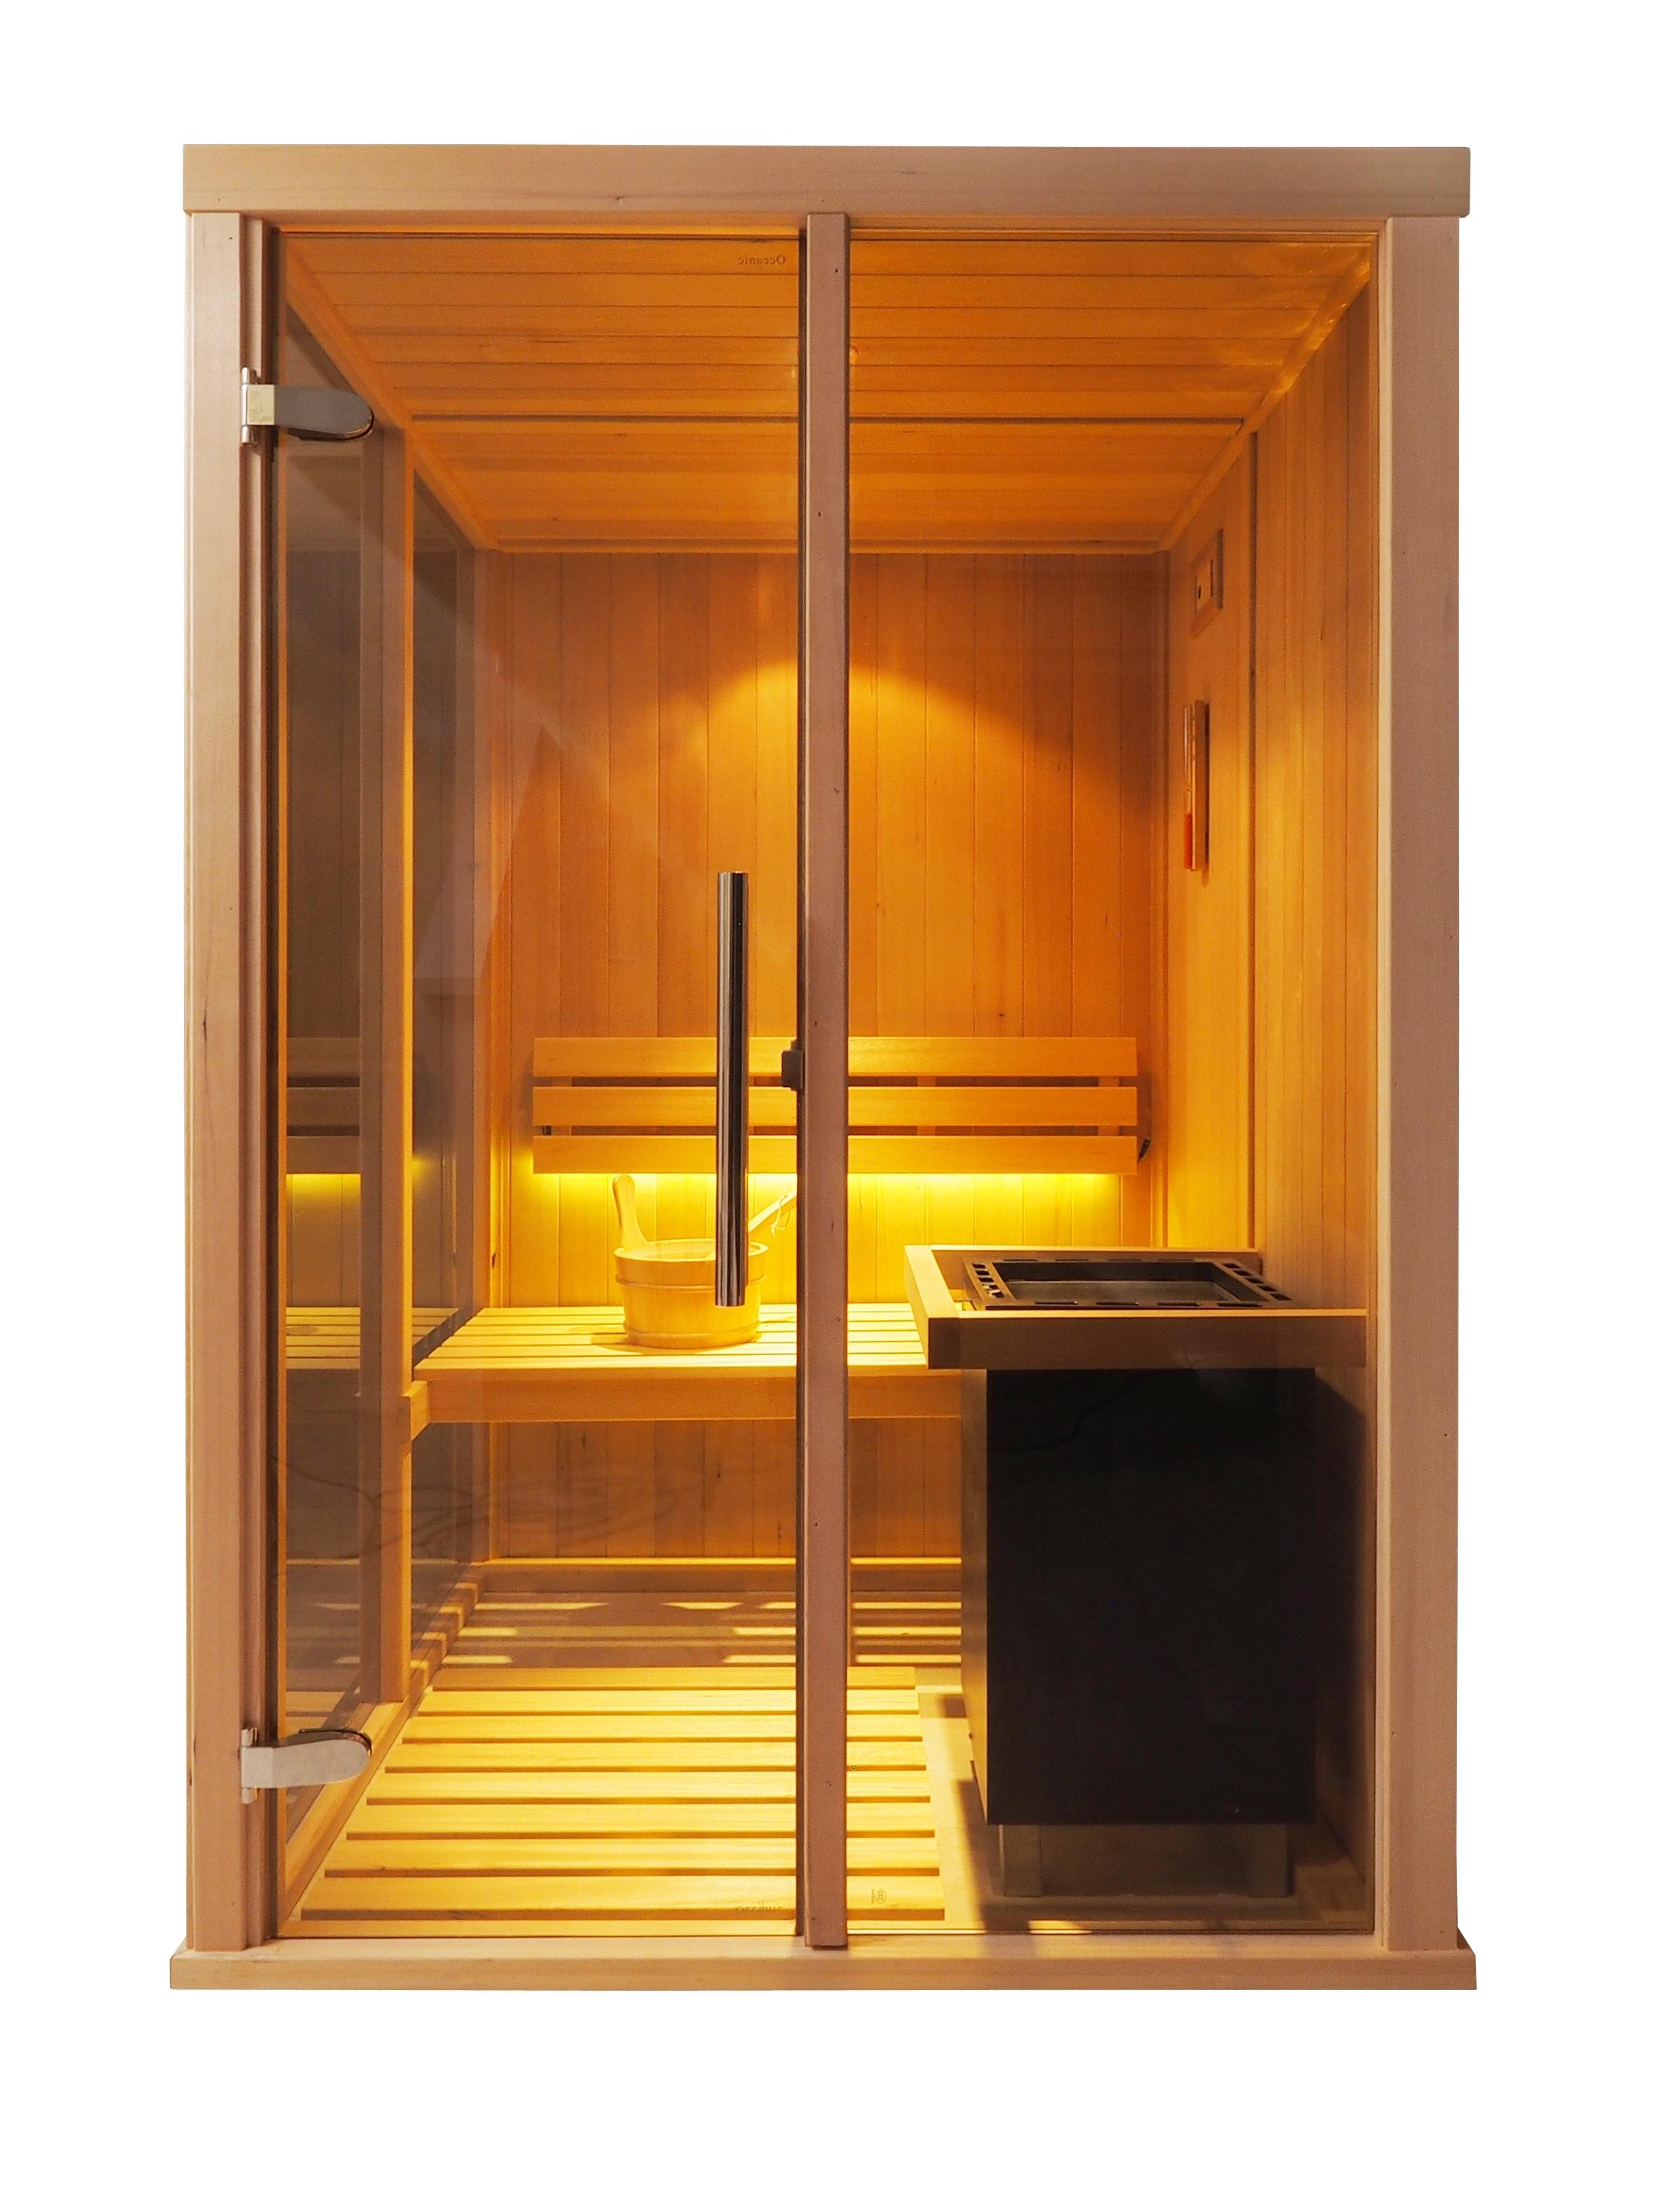 Saunarium en cabina de sauna Vision